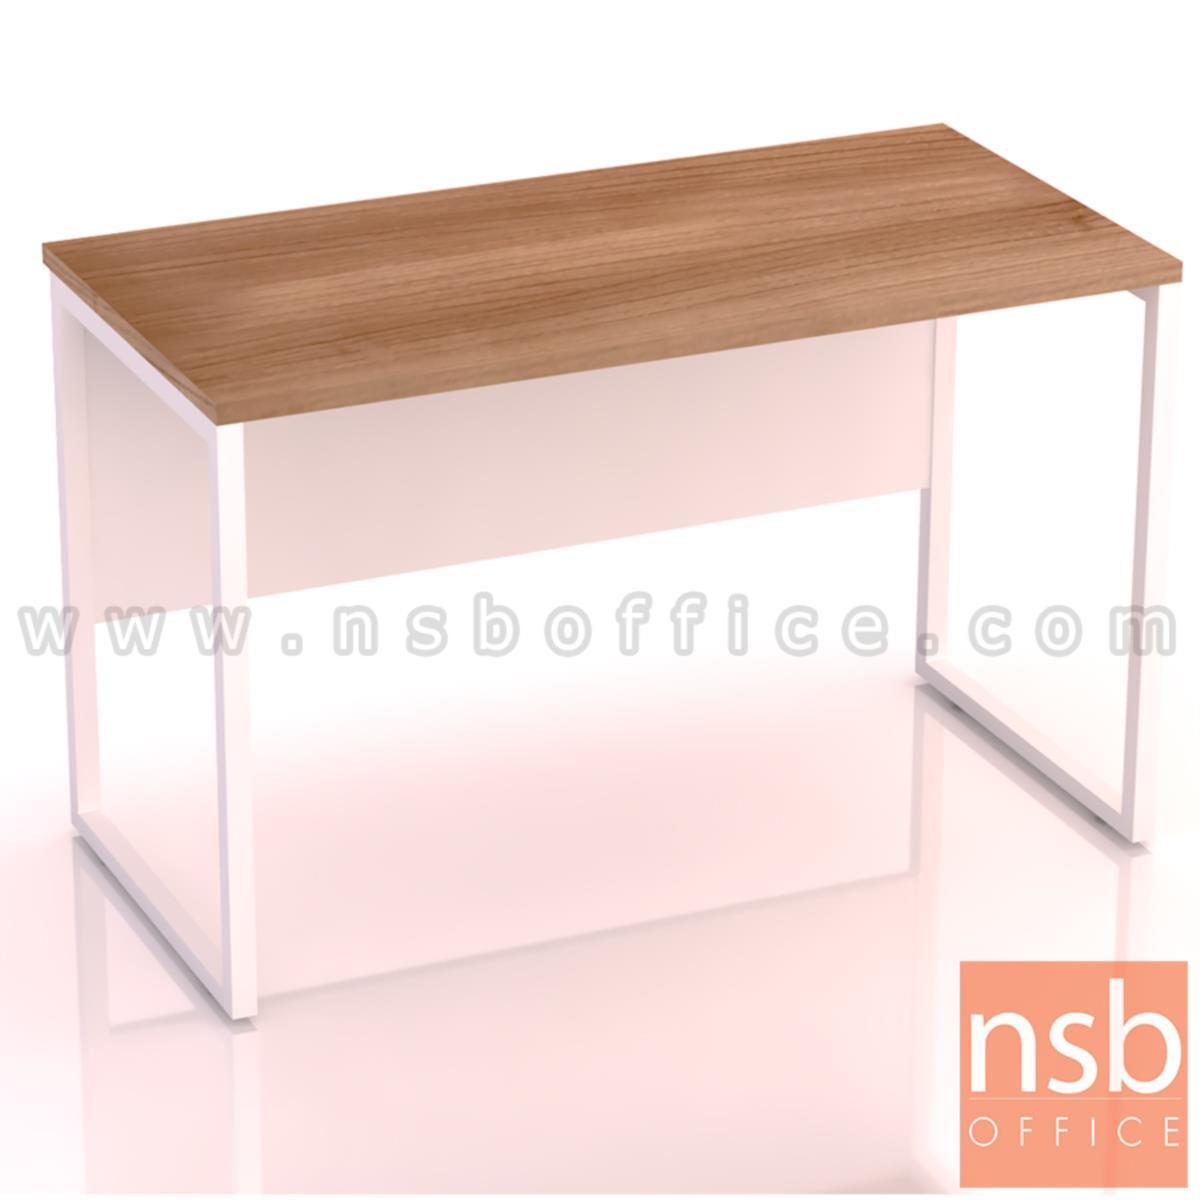 A18A037:โต๊ะทำงานทรงสี่เหลี่ยม รุ่น Moschino (มอสคิโน่) ขนาด 80W ,120W ,135W, 150W ,160W ,180W cm. ขาเหล็กกล่องพ่นสี